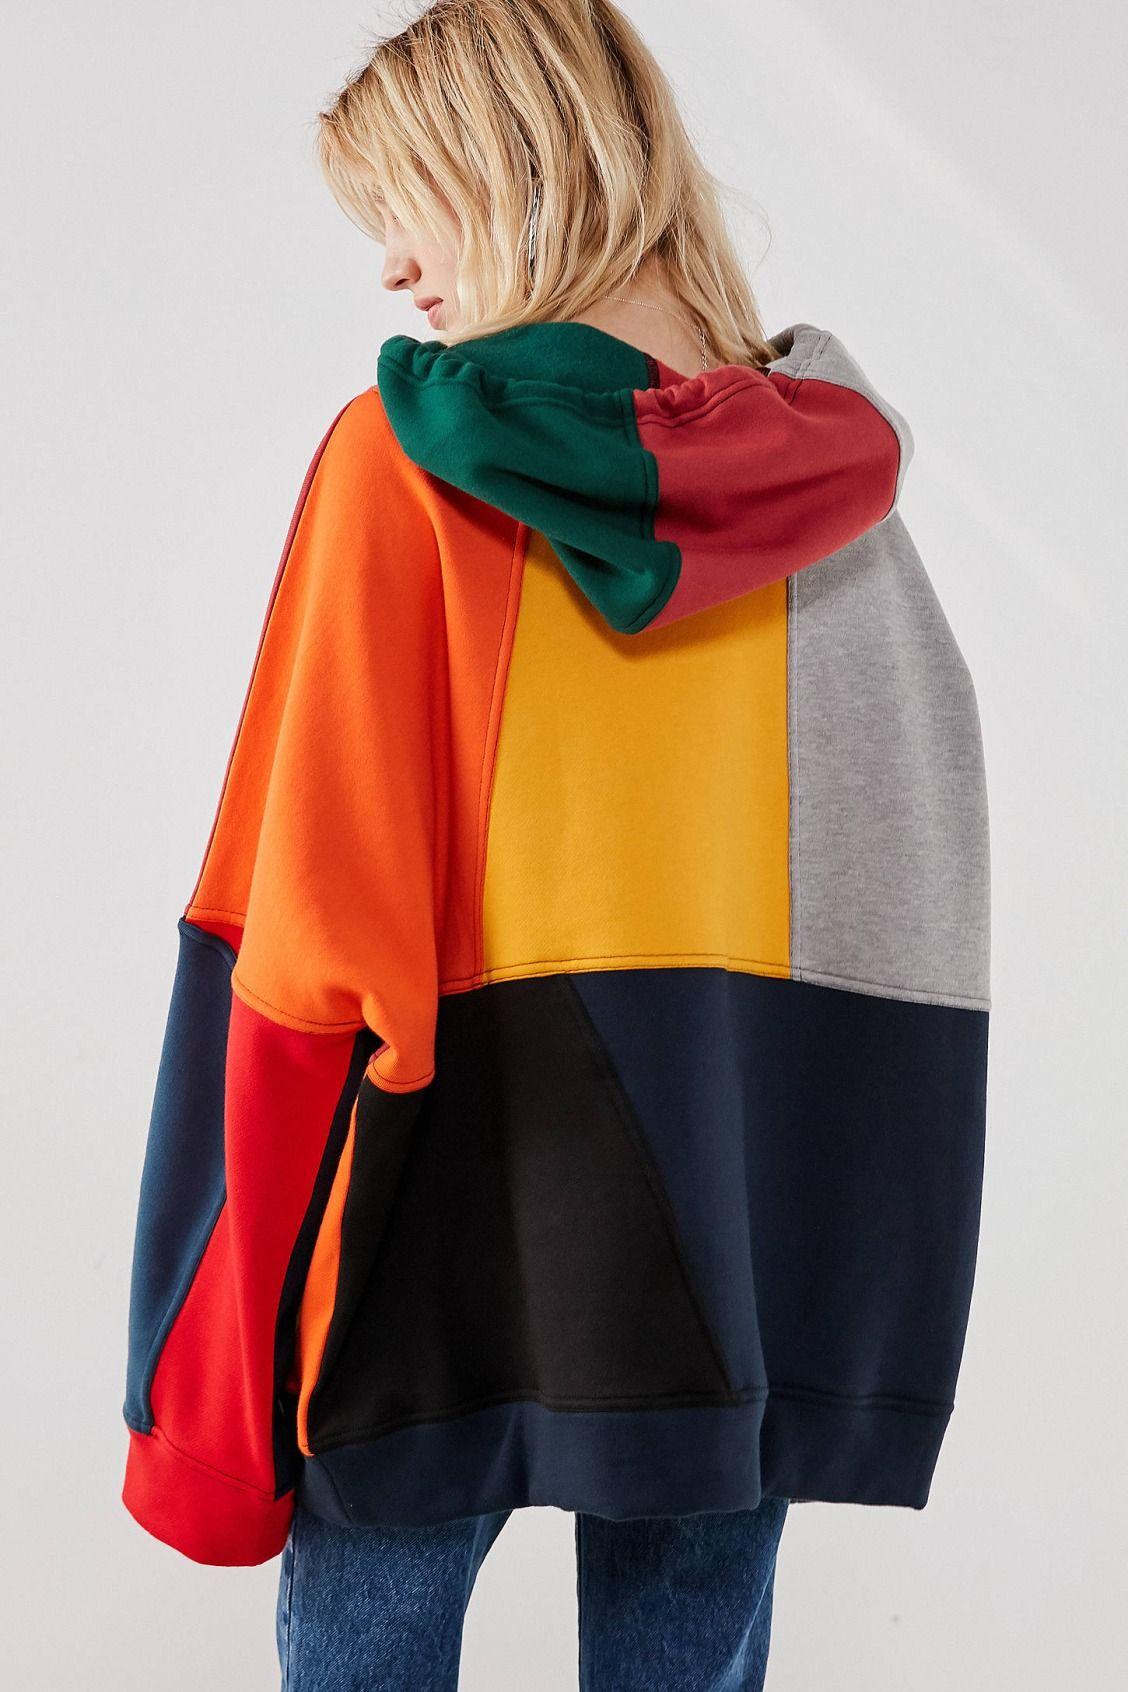 aadaac7db BDG Colorblock Drawstring Hoodie Sweatshirt | New Arrivals | Types ...